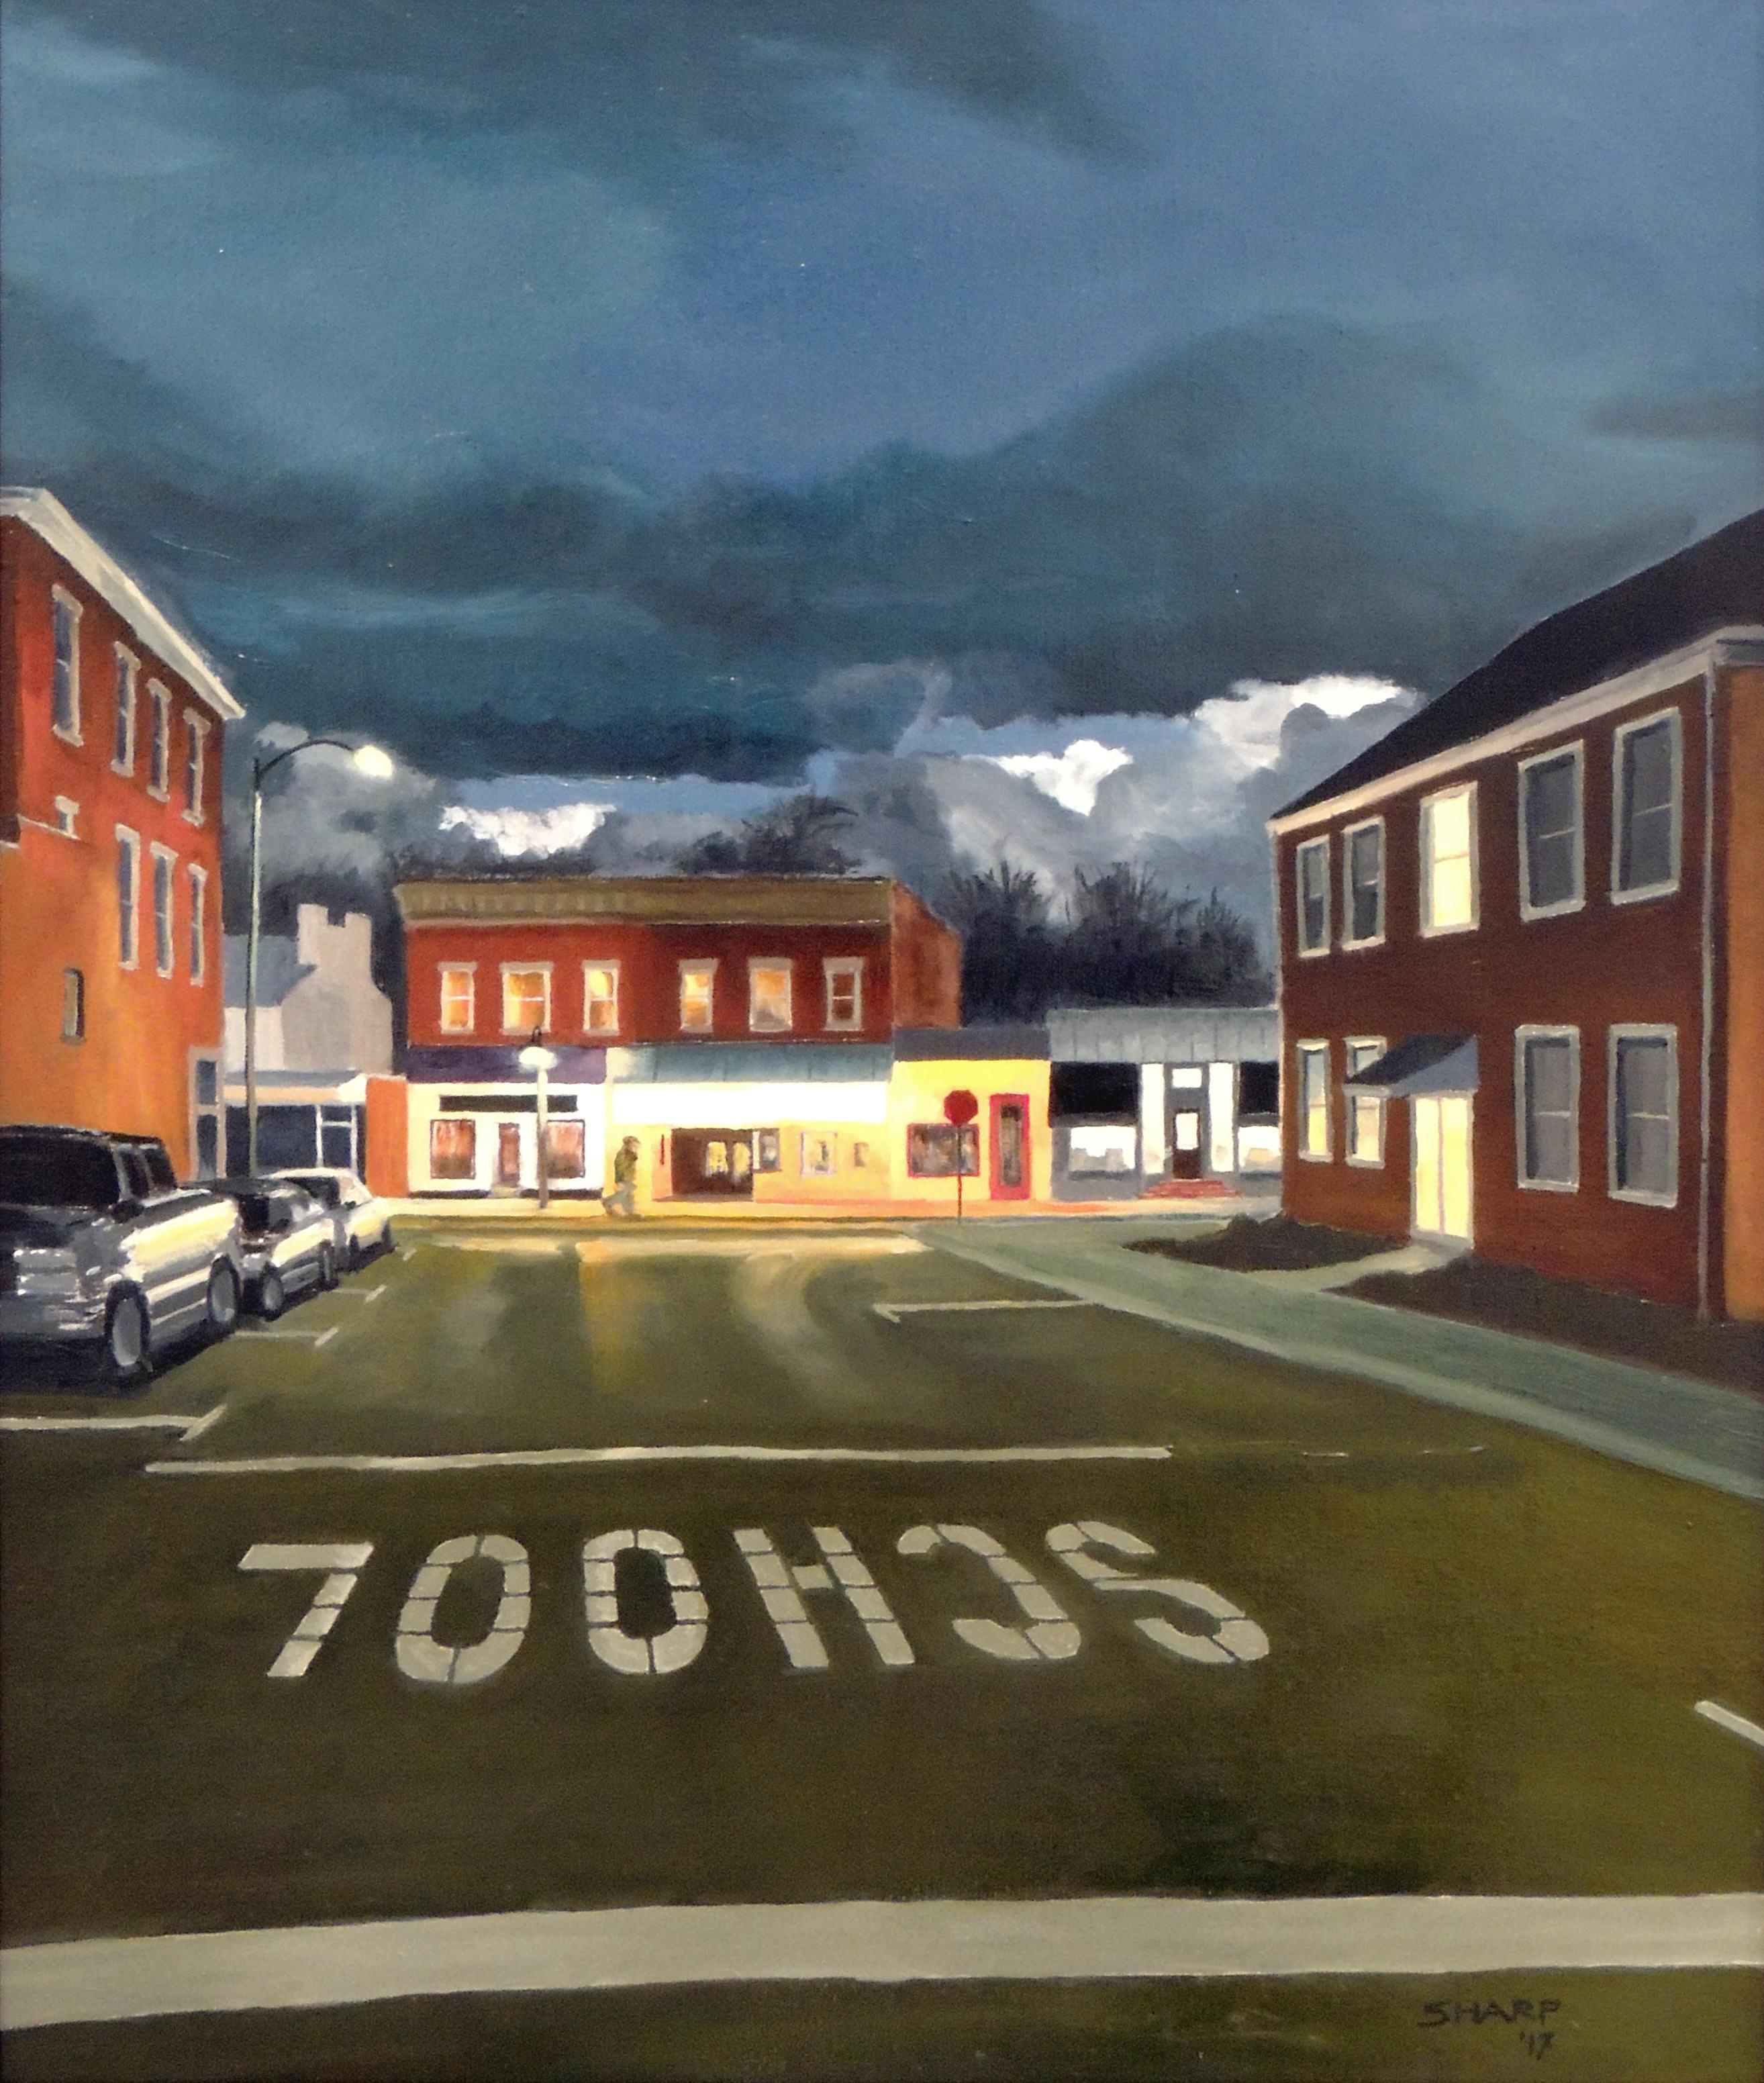 Stephen Sharp | LITTLE ART | Oil on linen